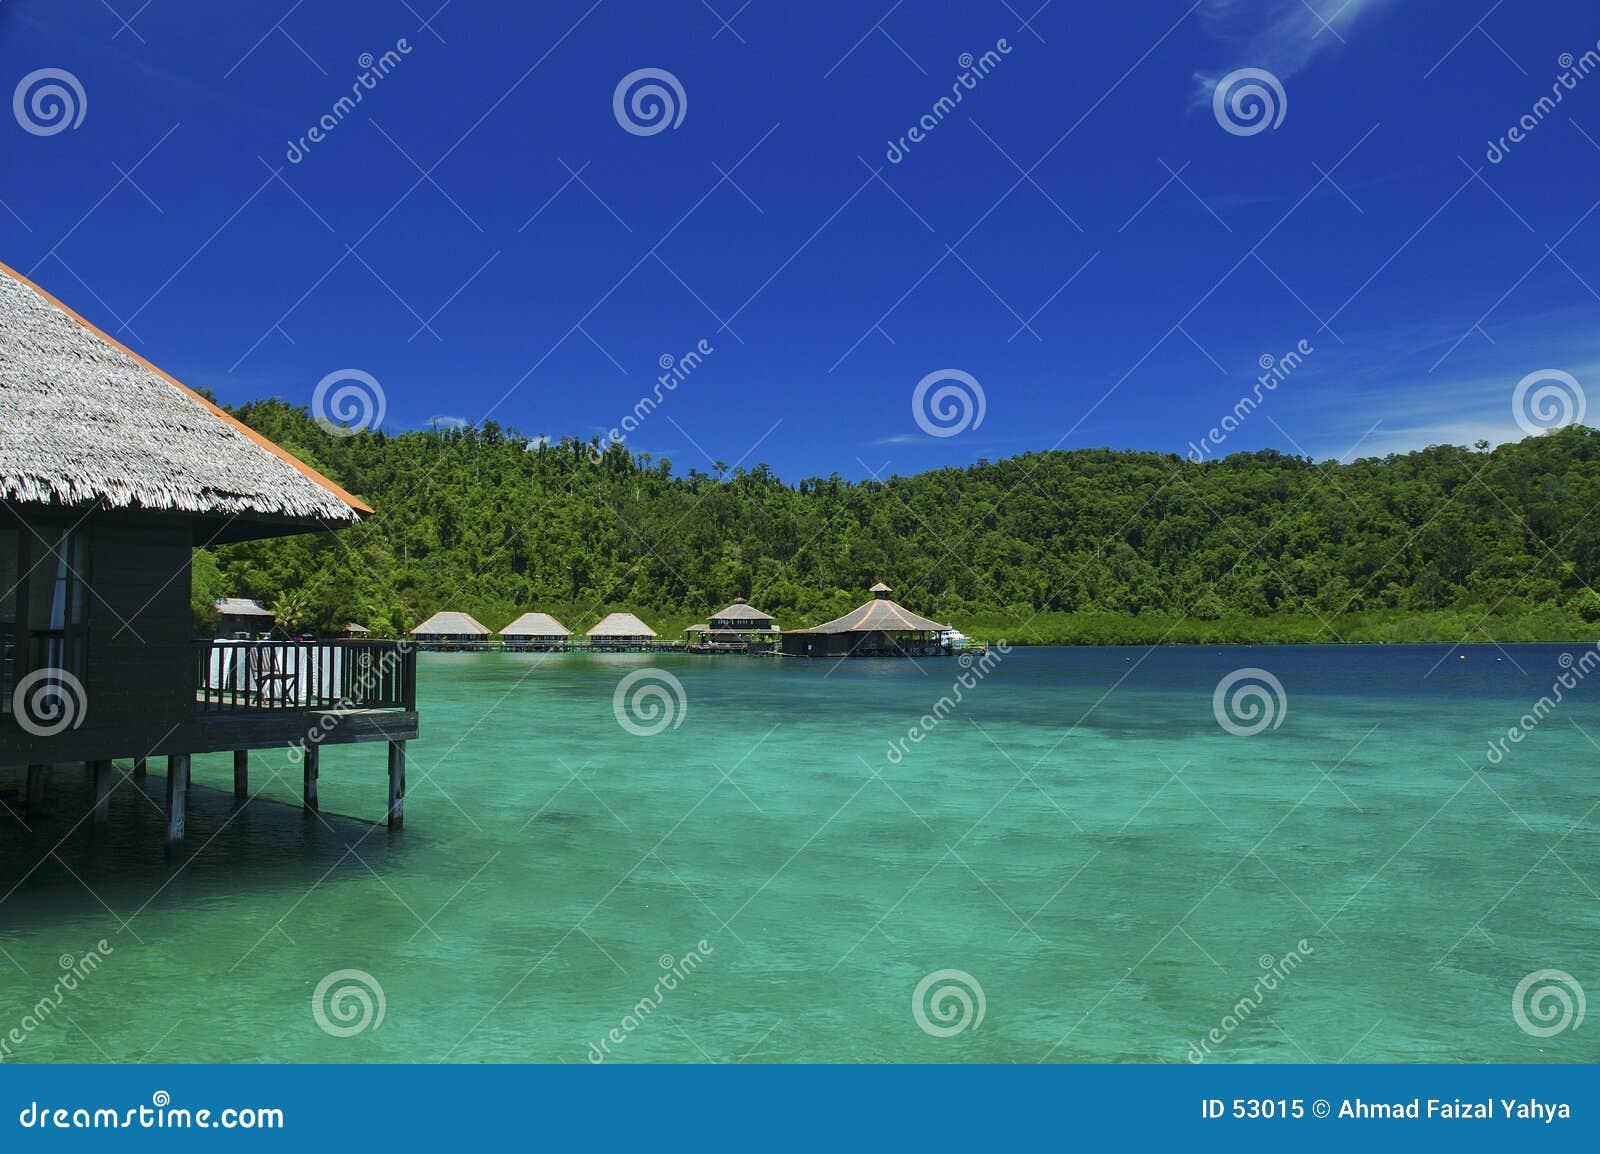 Download Hutte de vacances image stock. Image du nuage, bleu, île - 53015